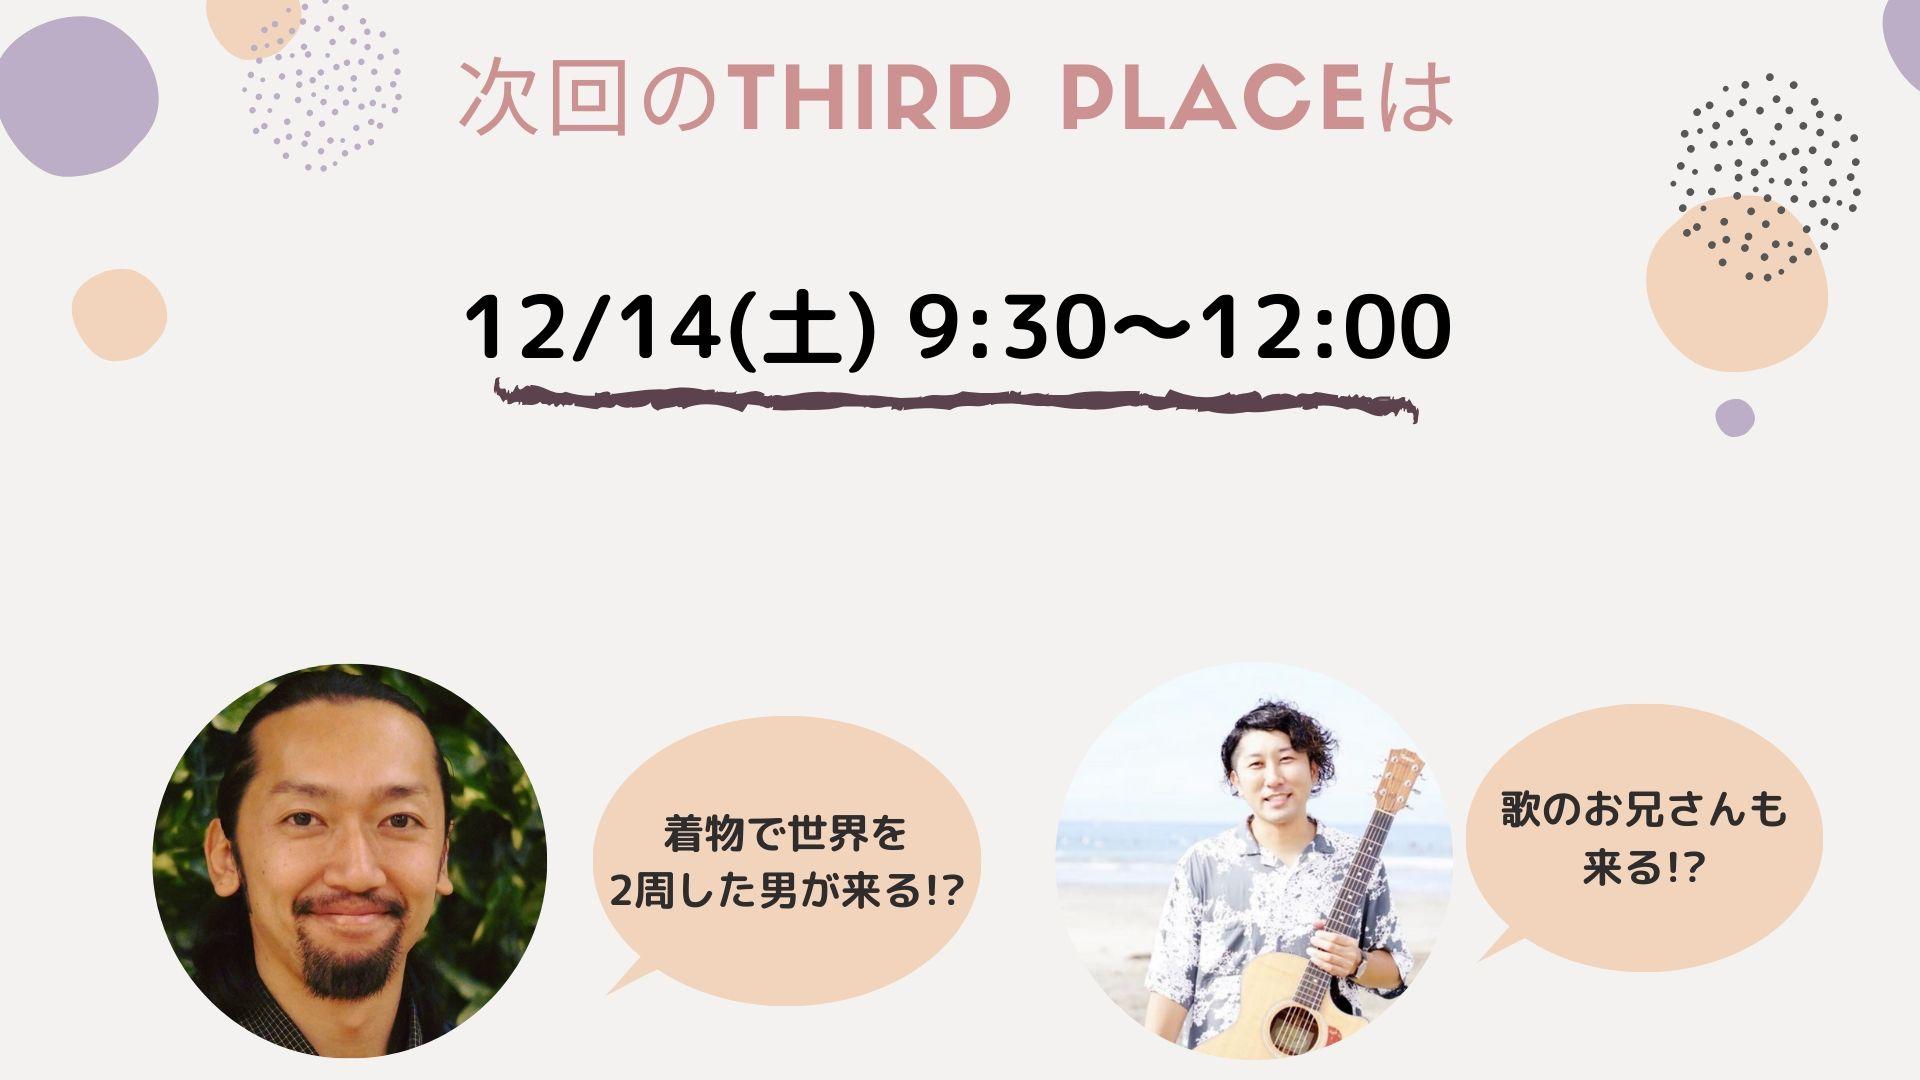 thirdplace